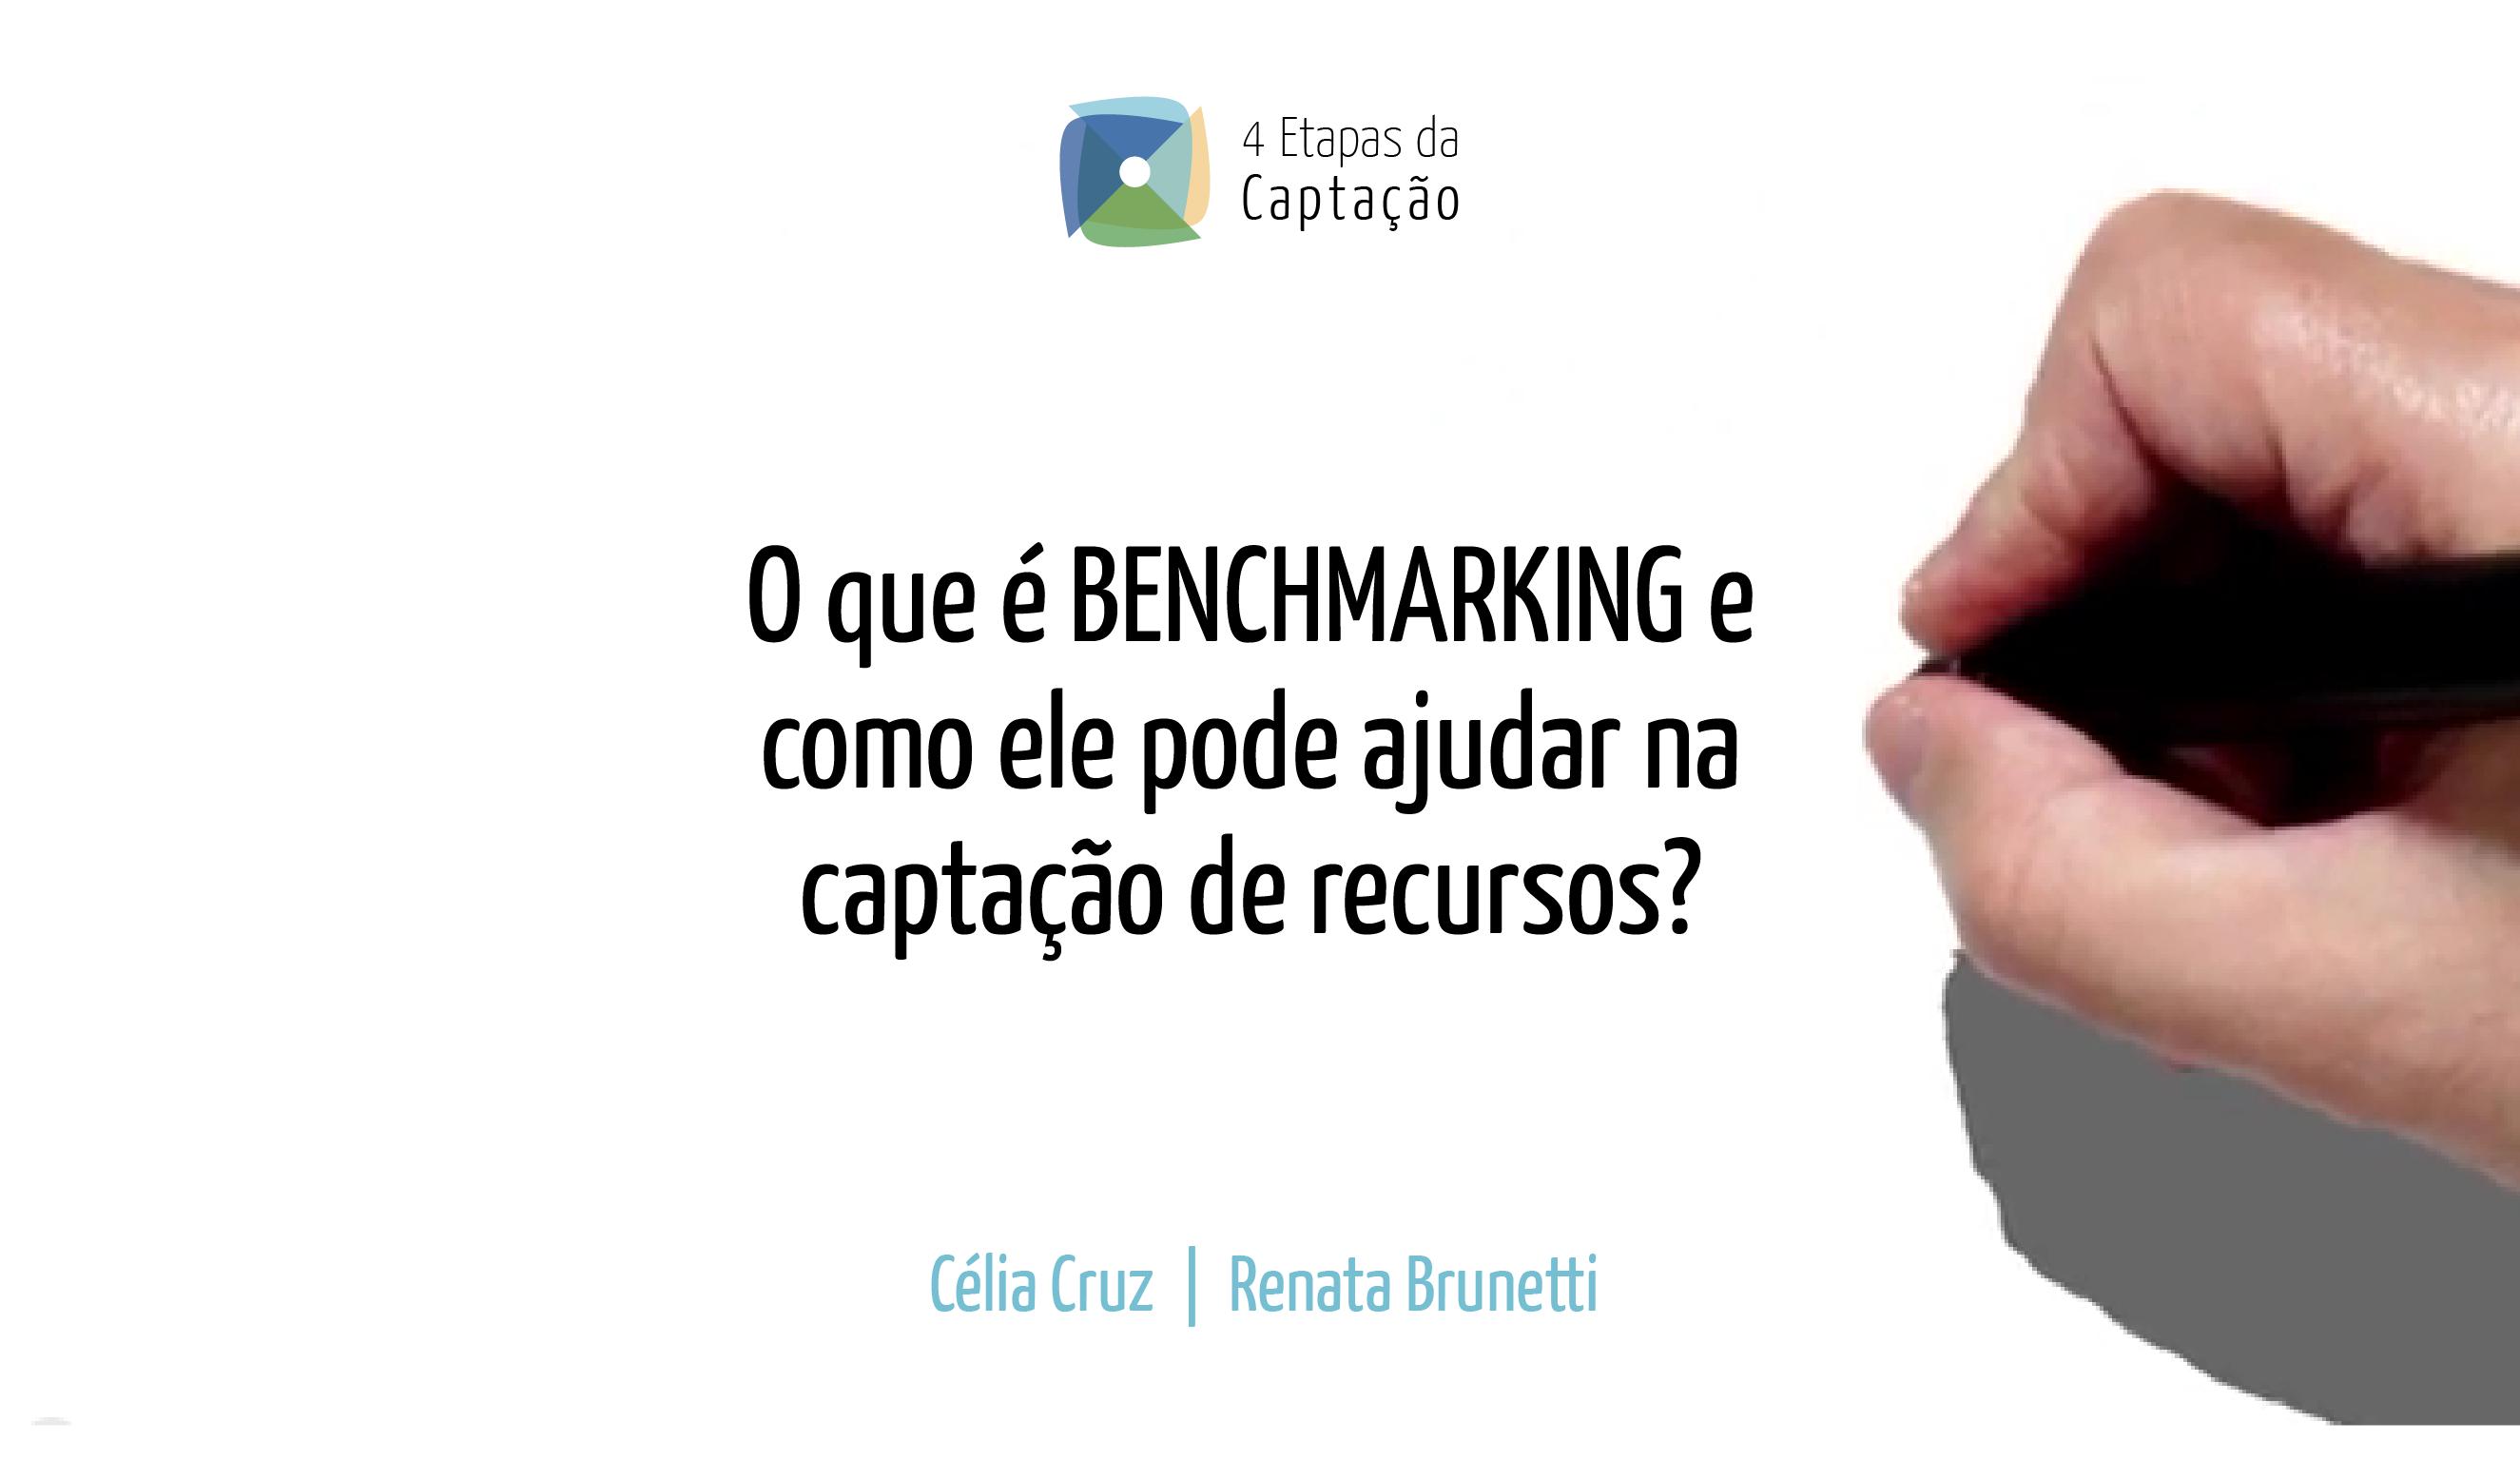 O que e BENCHMARKING e como ele pode ajudar na captacao de recursos